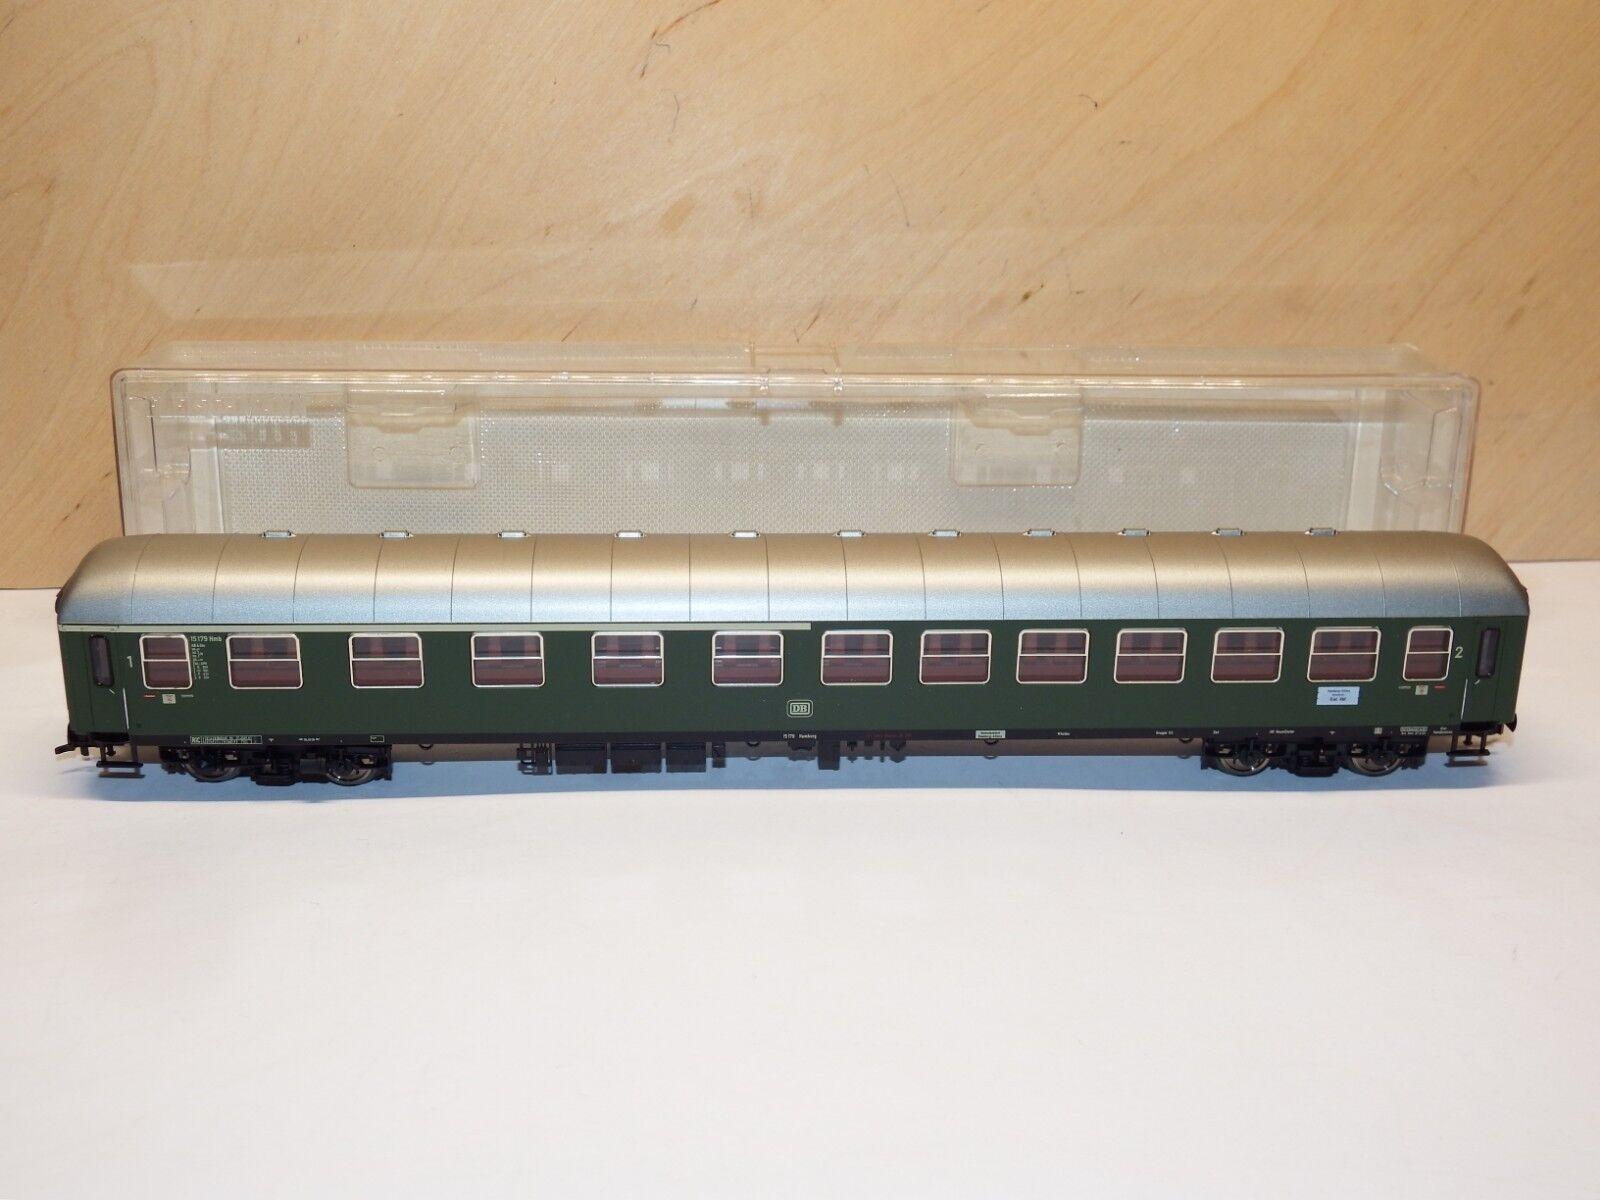 H0 Fleischmann 5603K Schnellzugwagen 1 2 Kl DB Neuwertig OVP 7381